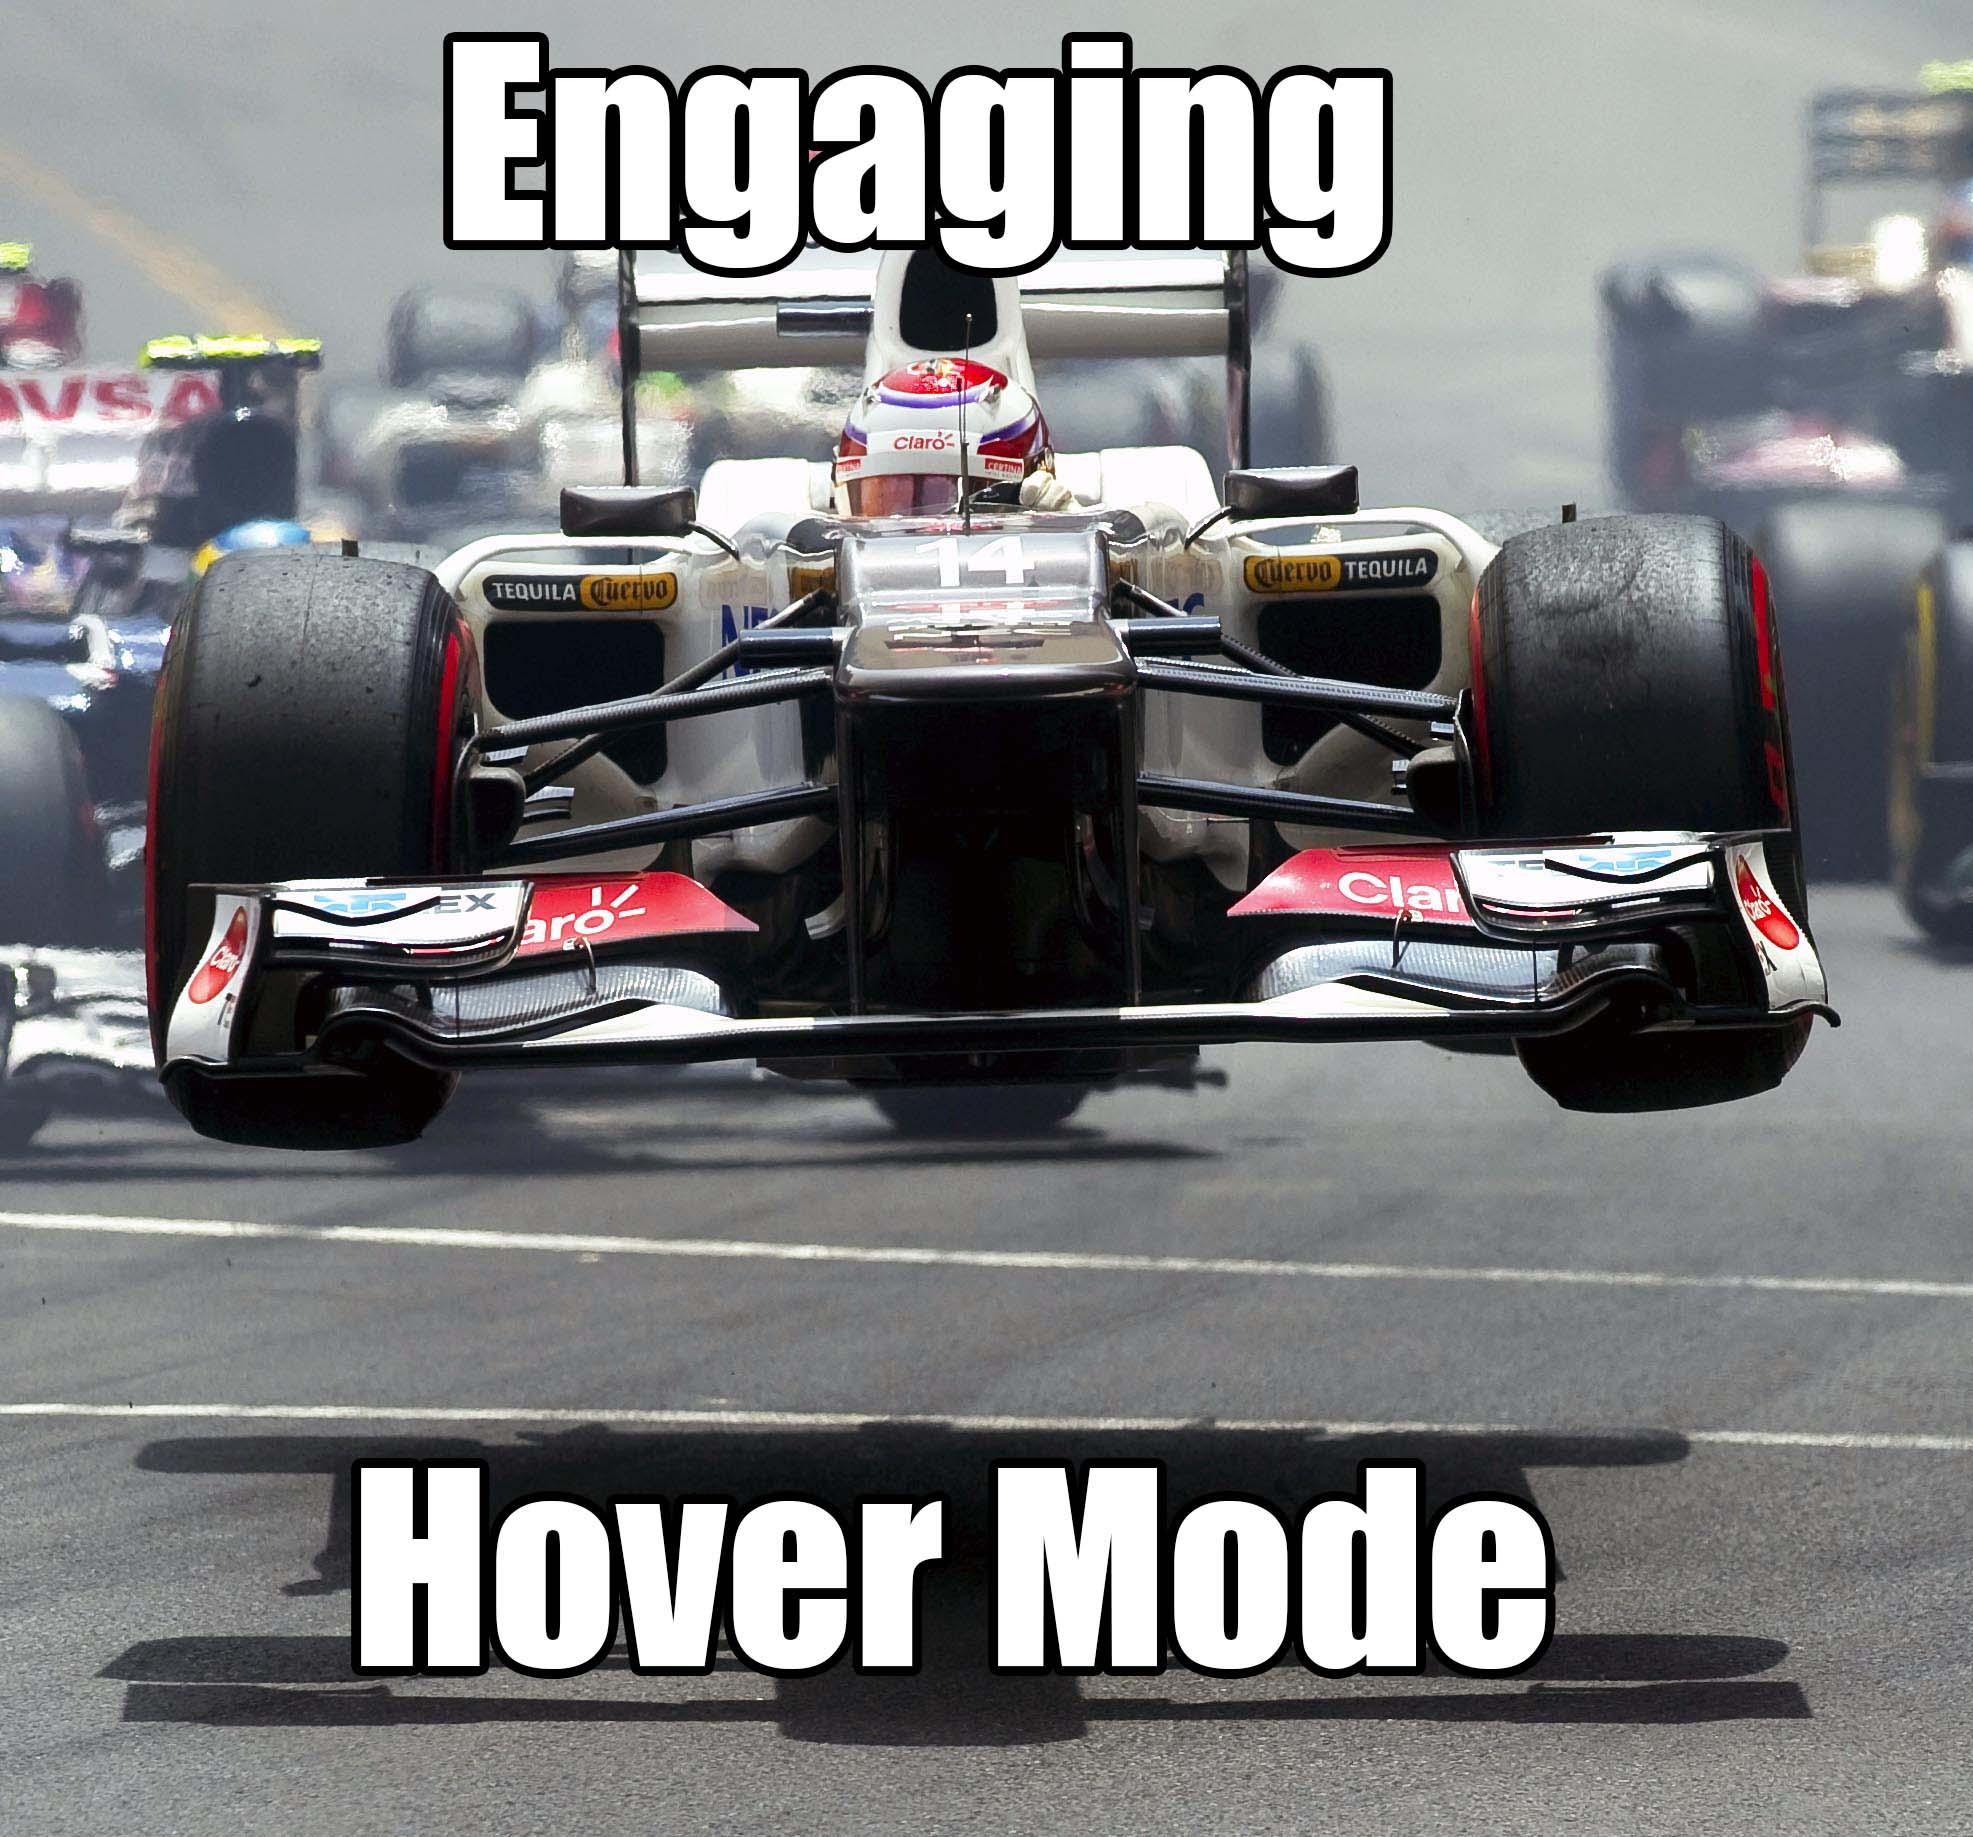 Ford Car Meme